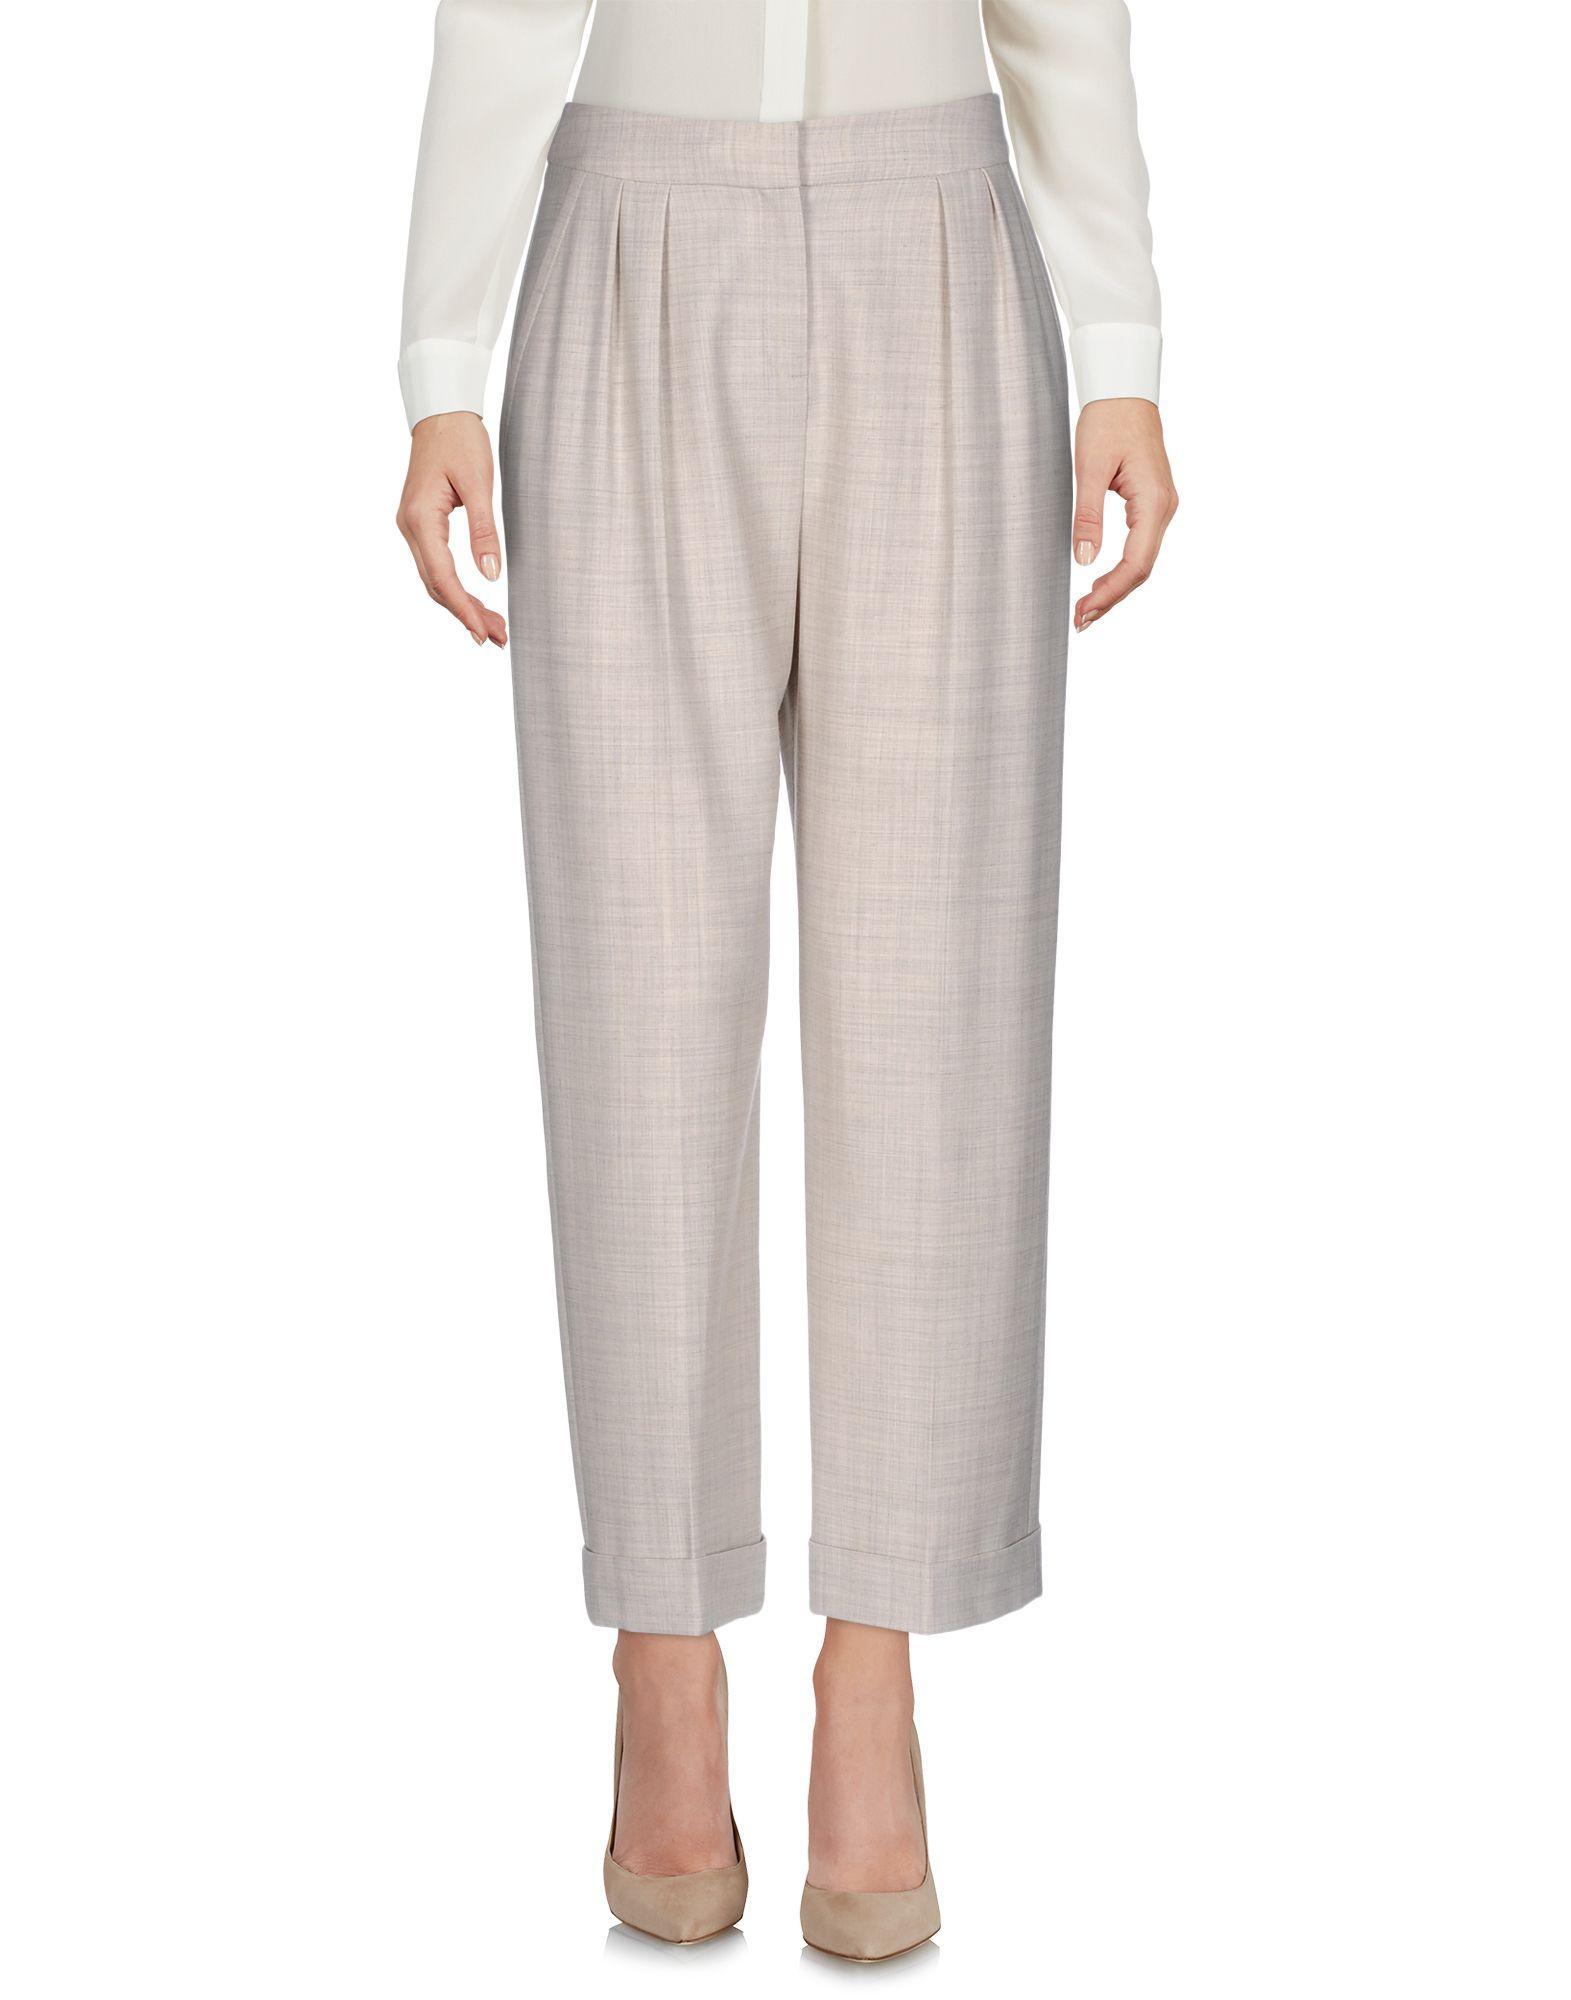 Karen Millen Casual Pants In Beige